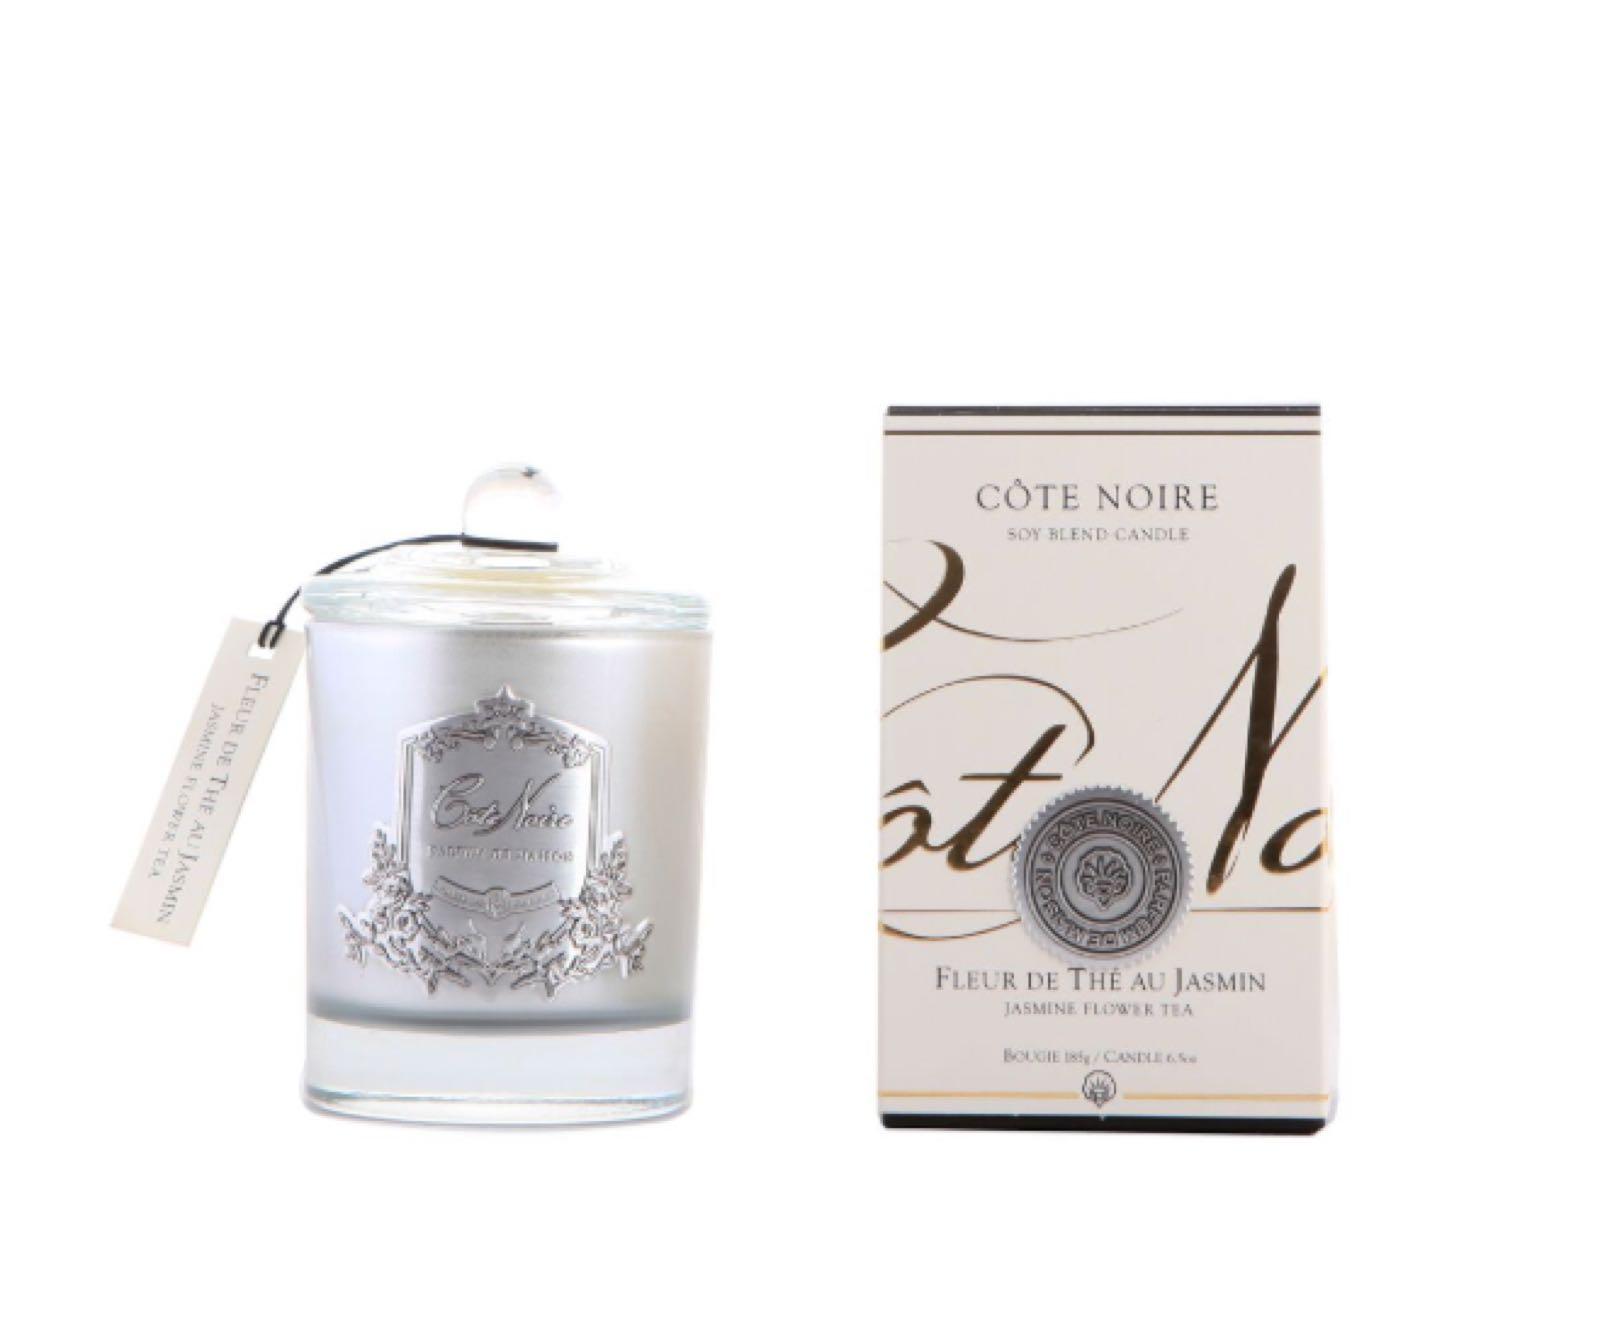 Cote Noire jasmine flower tea 75g candle